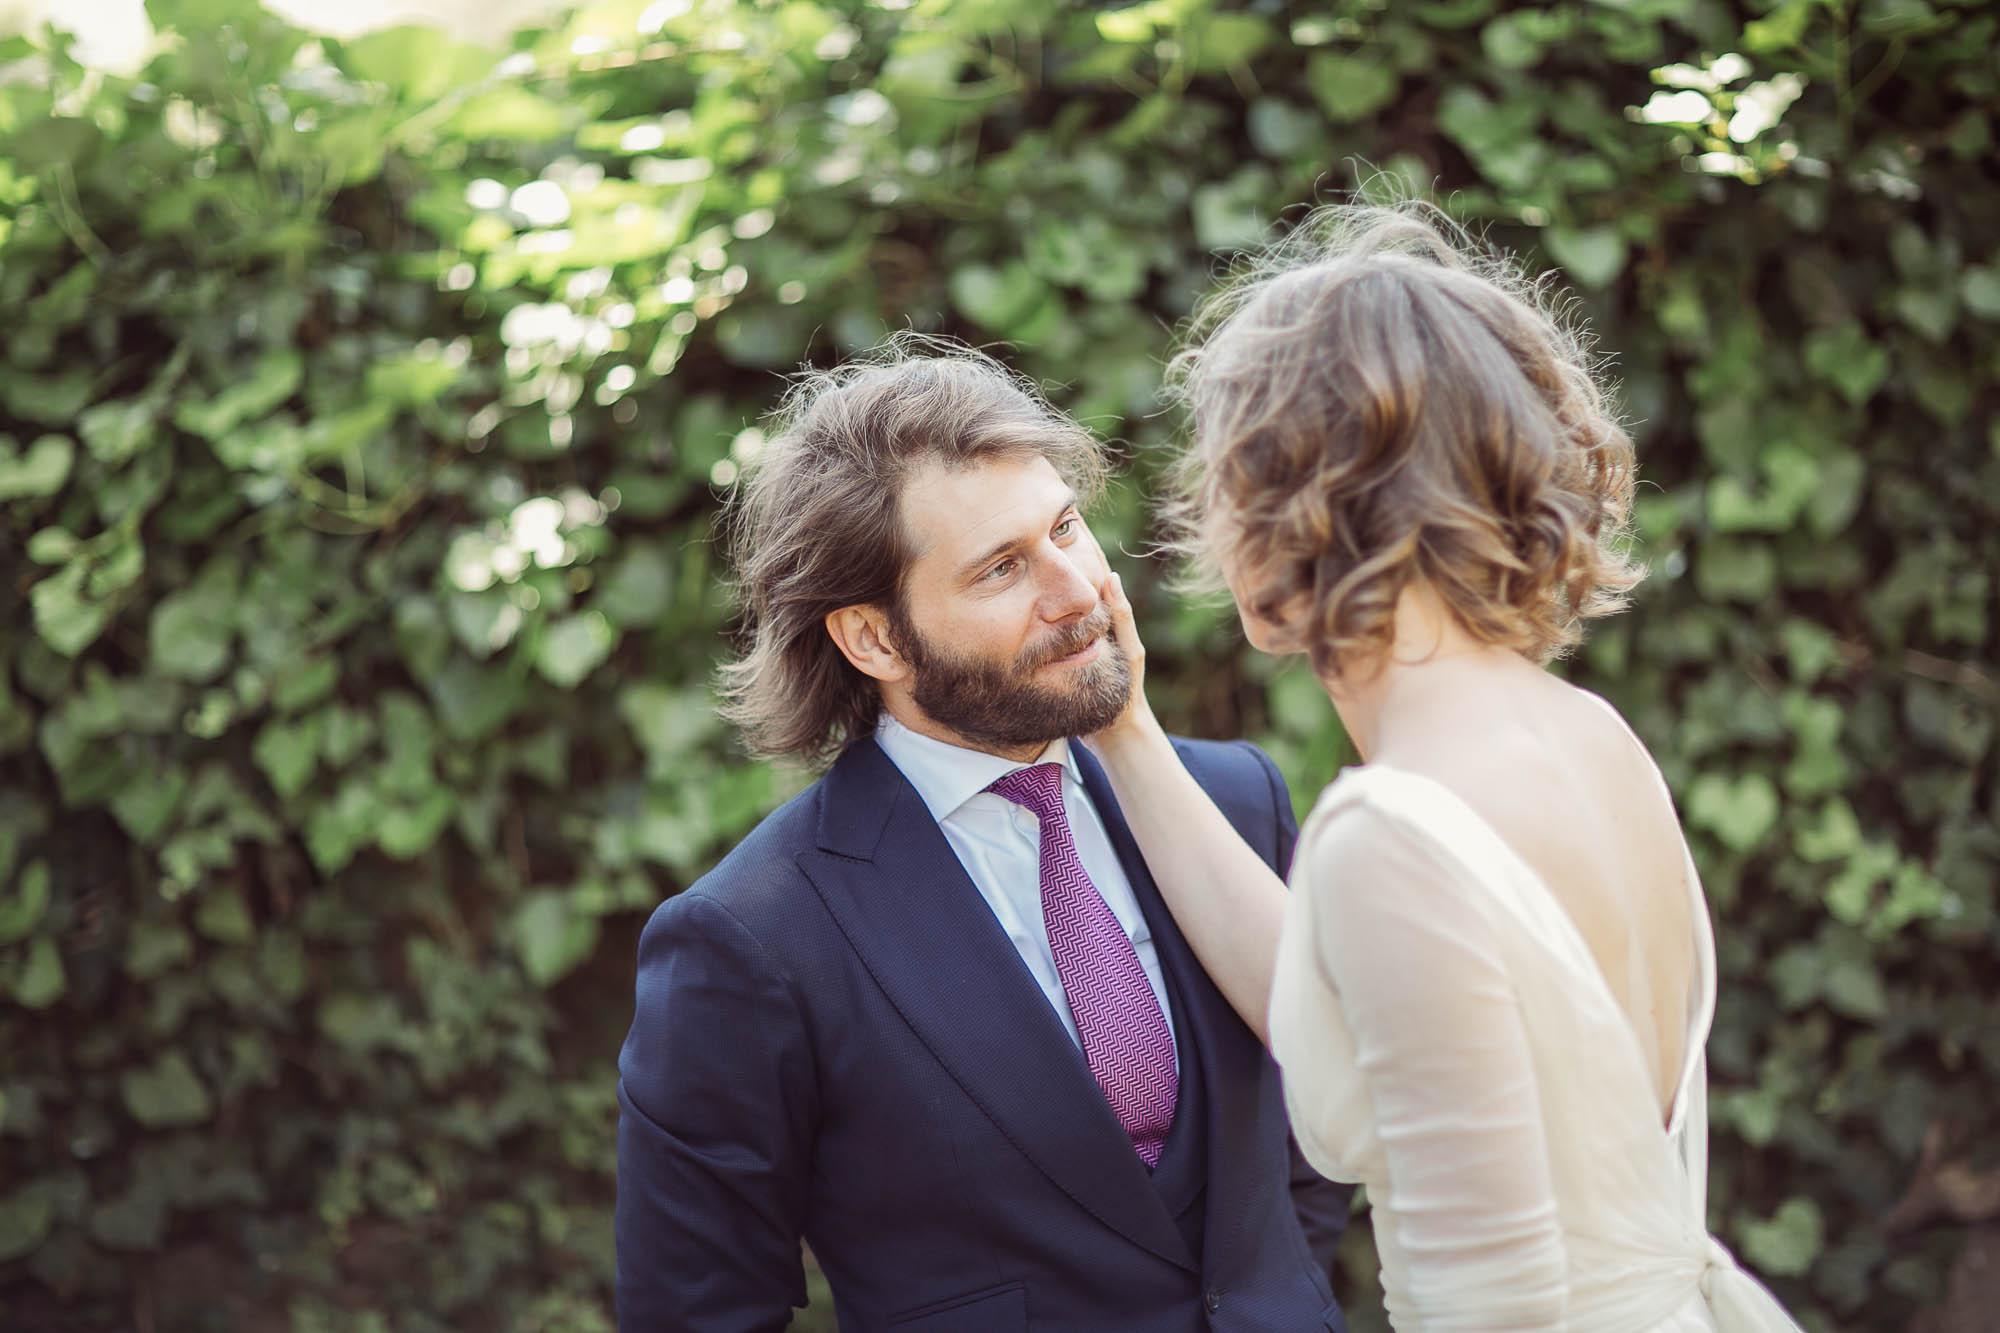 La novia pone su mano cariñosamente sobre la cara de su marido